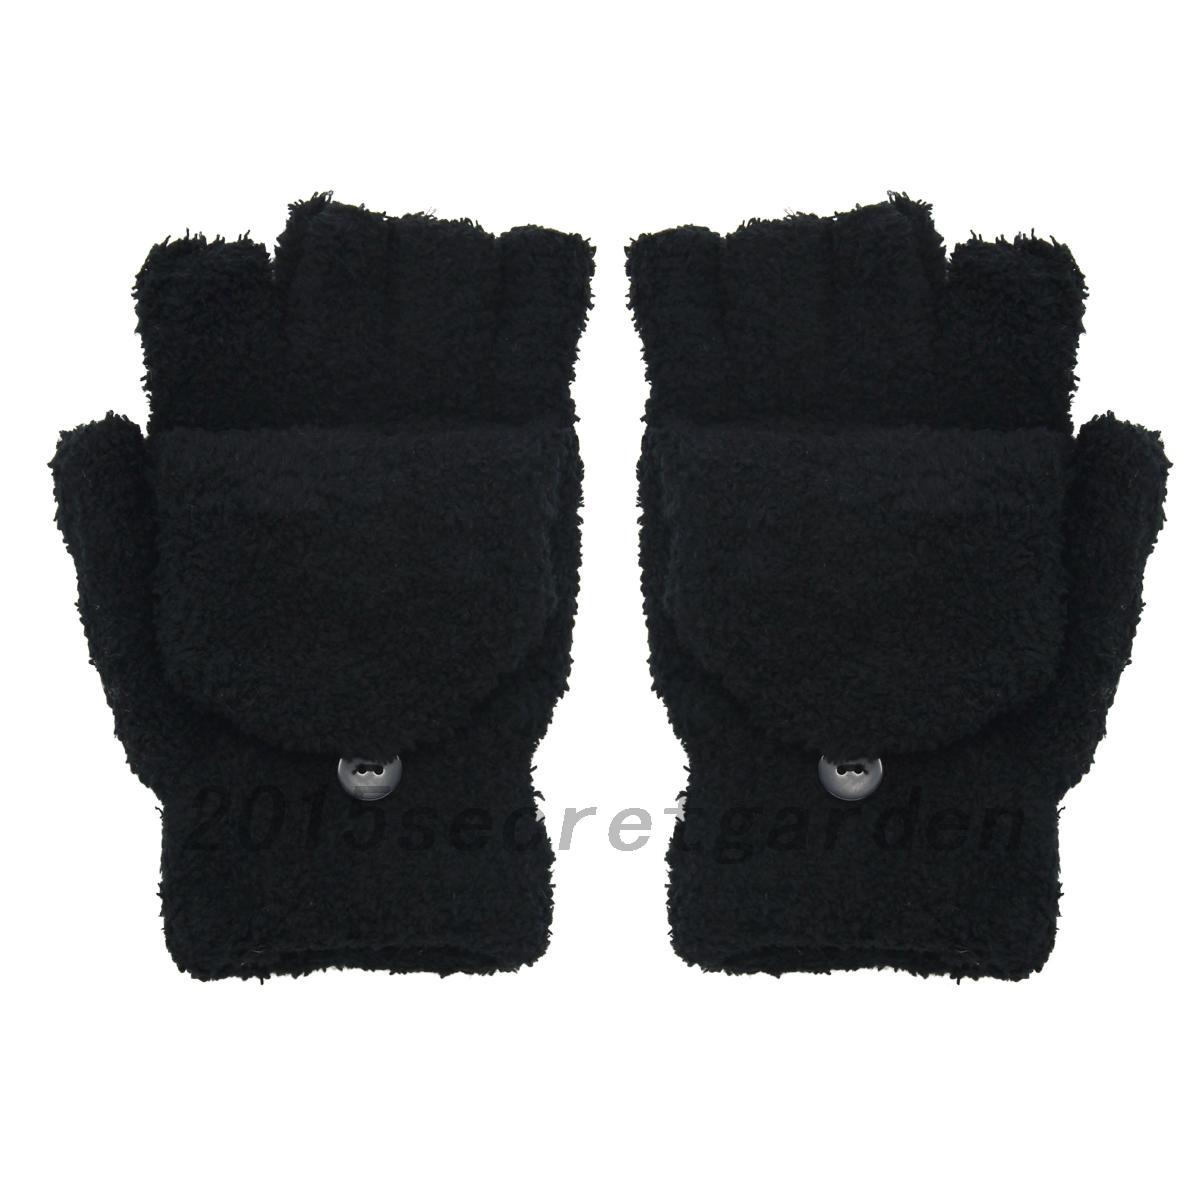 Rose-Mitaines-Gants-Pour-Femmes-Thermique-Tricot-Chaud-Gris-Half-Finger-Gloves